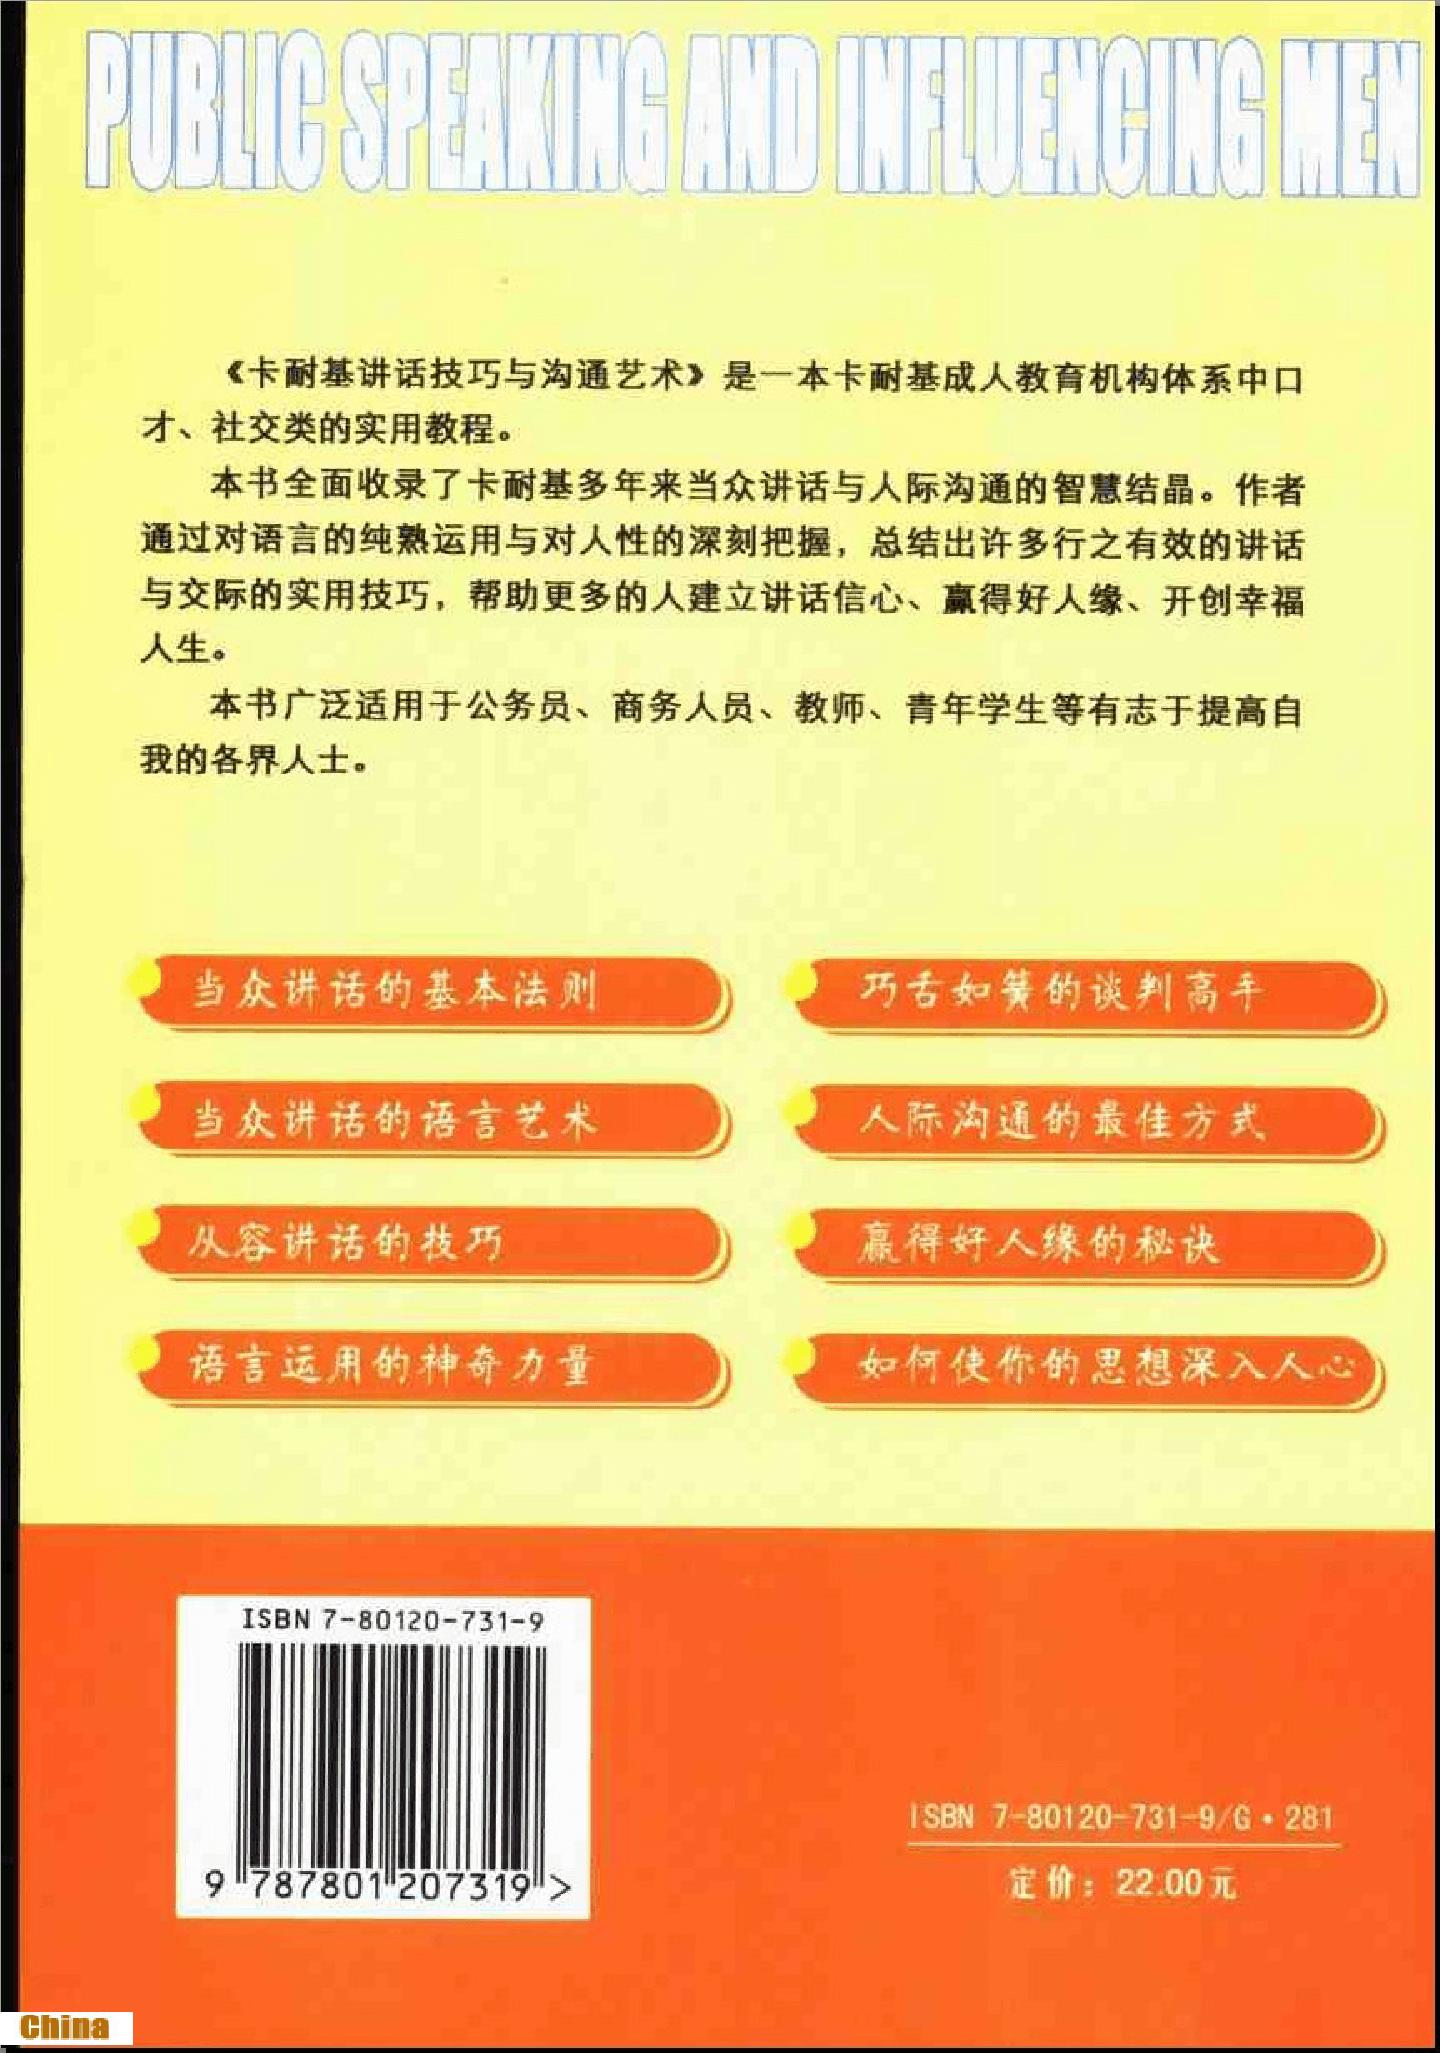 卡耐基口才艺术与说话技巧_卡耐基讲话技巧与沟通艺术_图书 - 爱学术